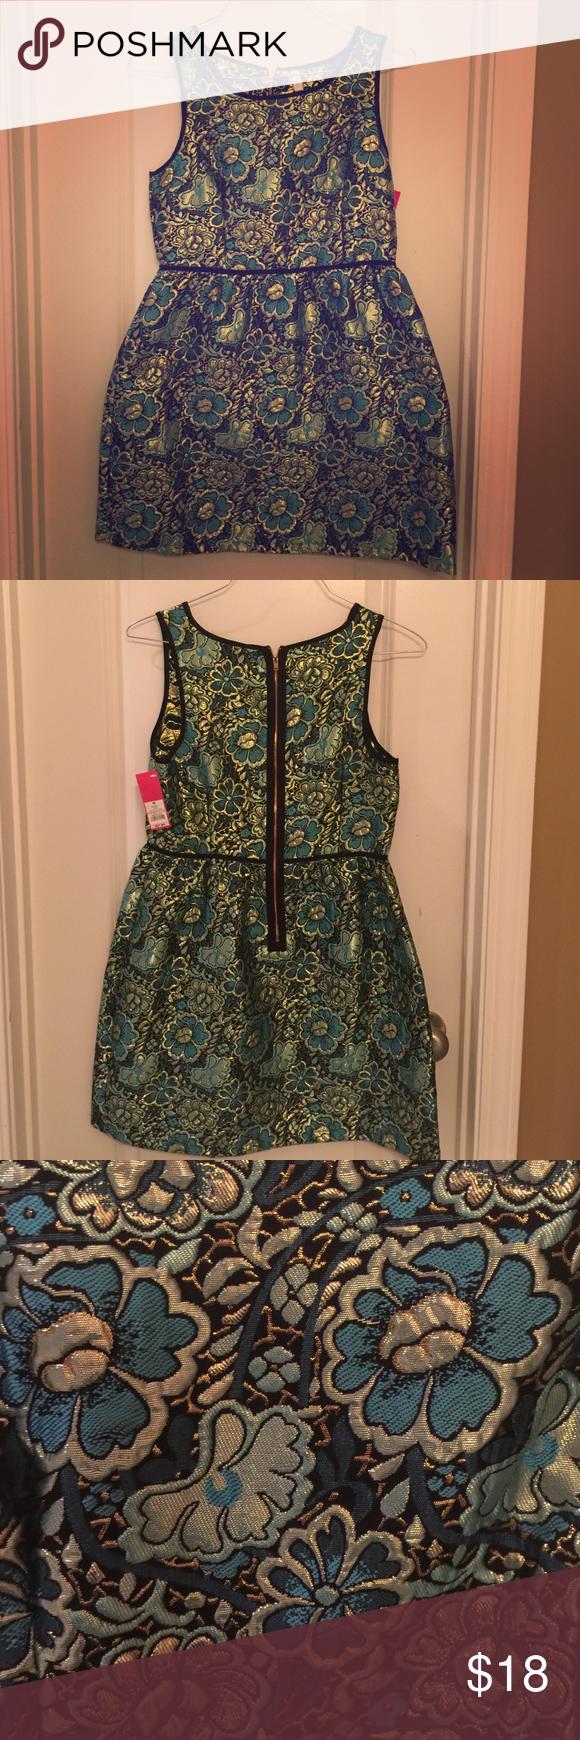 Green Blue Metallic Floral Print Dress New With Tags From Target Green Blue Gold Metallic Floral Print Dress With Full S New Dress Dresses Floral Print Dress [ 1740 x 580 Pixel ]